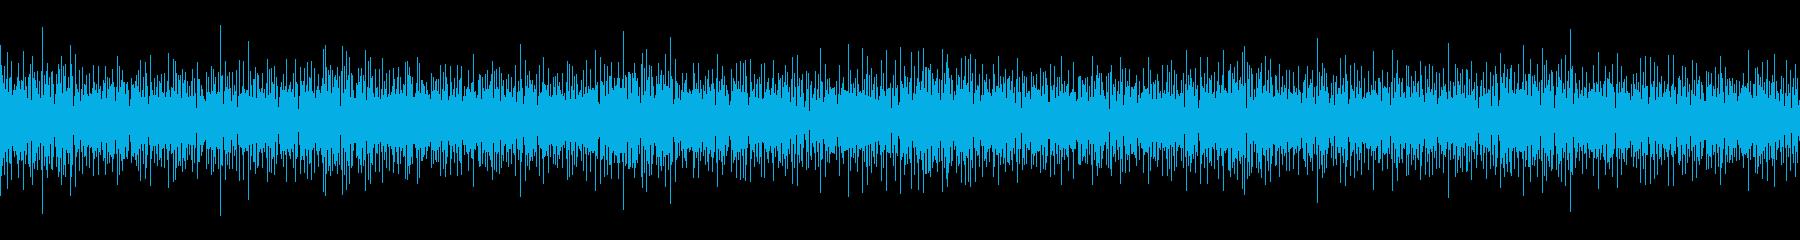 ピチピチ弾けるような個性的で民族的な木琴の再生済みの波形